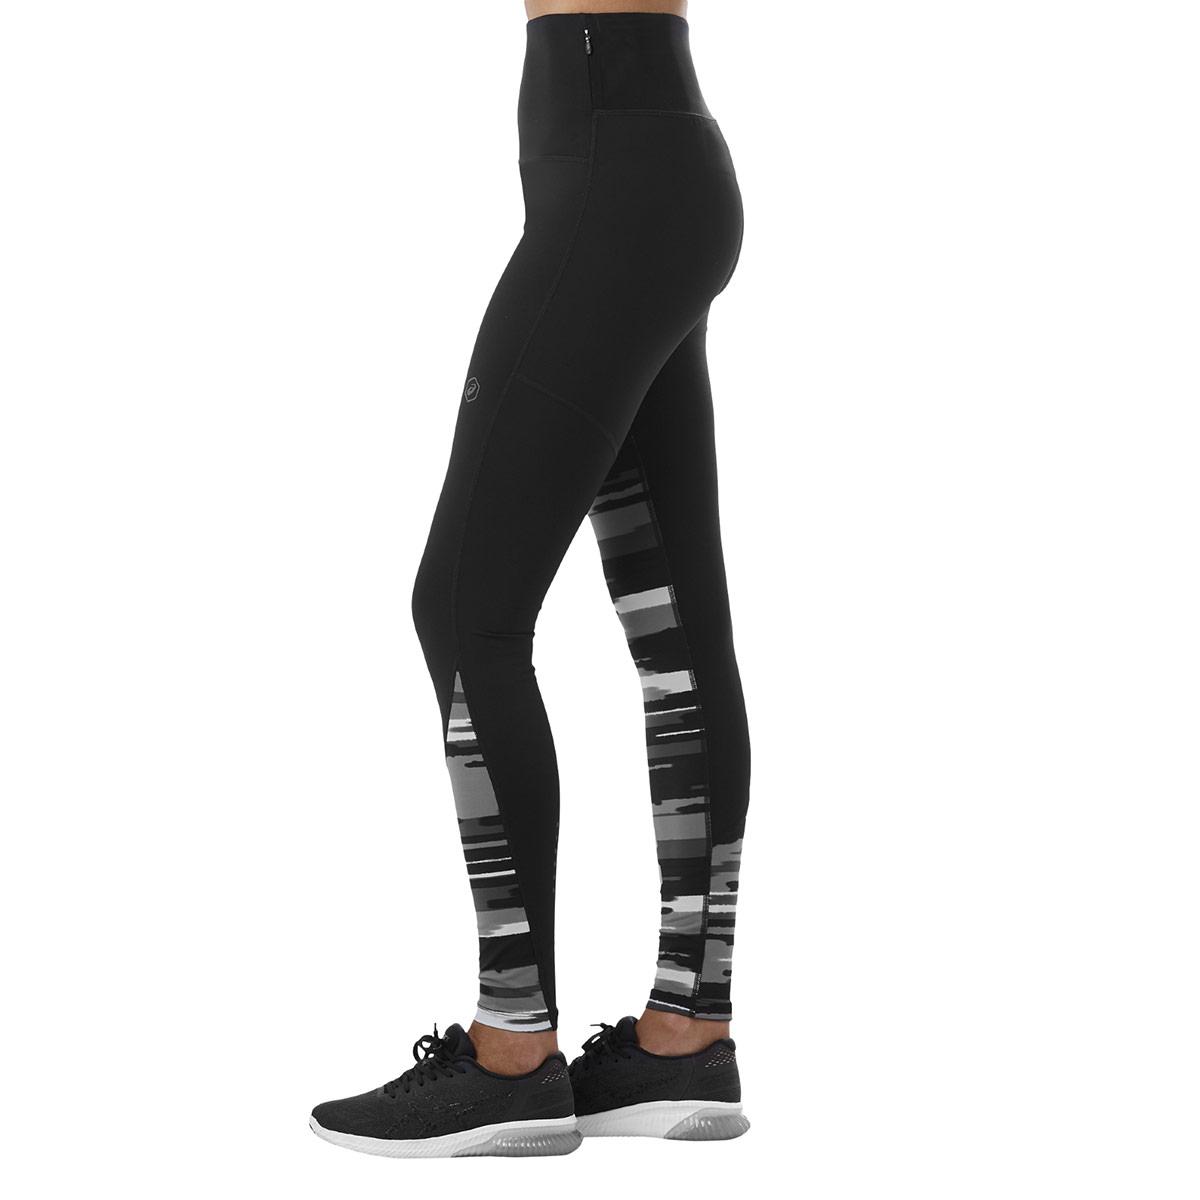 a27b4803e805d ASICS Fuzex Highwaist Tight - Running trousers for Women - Black | 21RUN